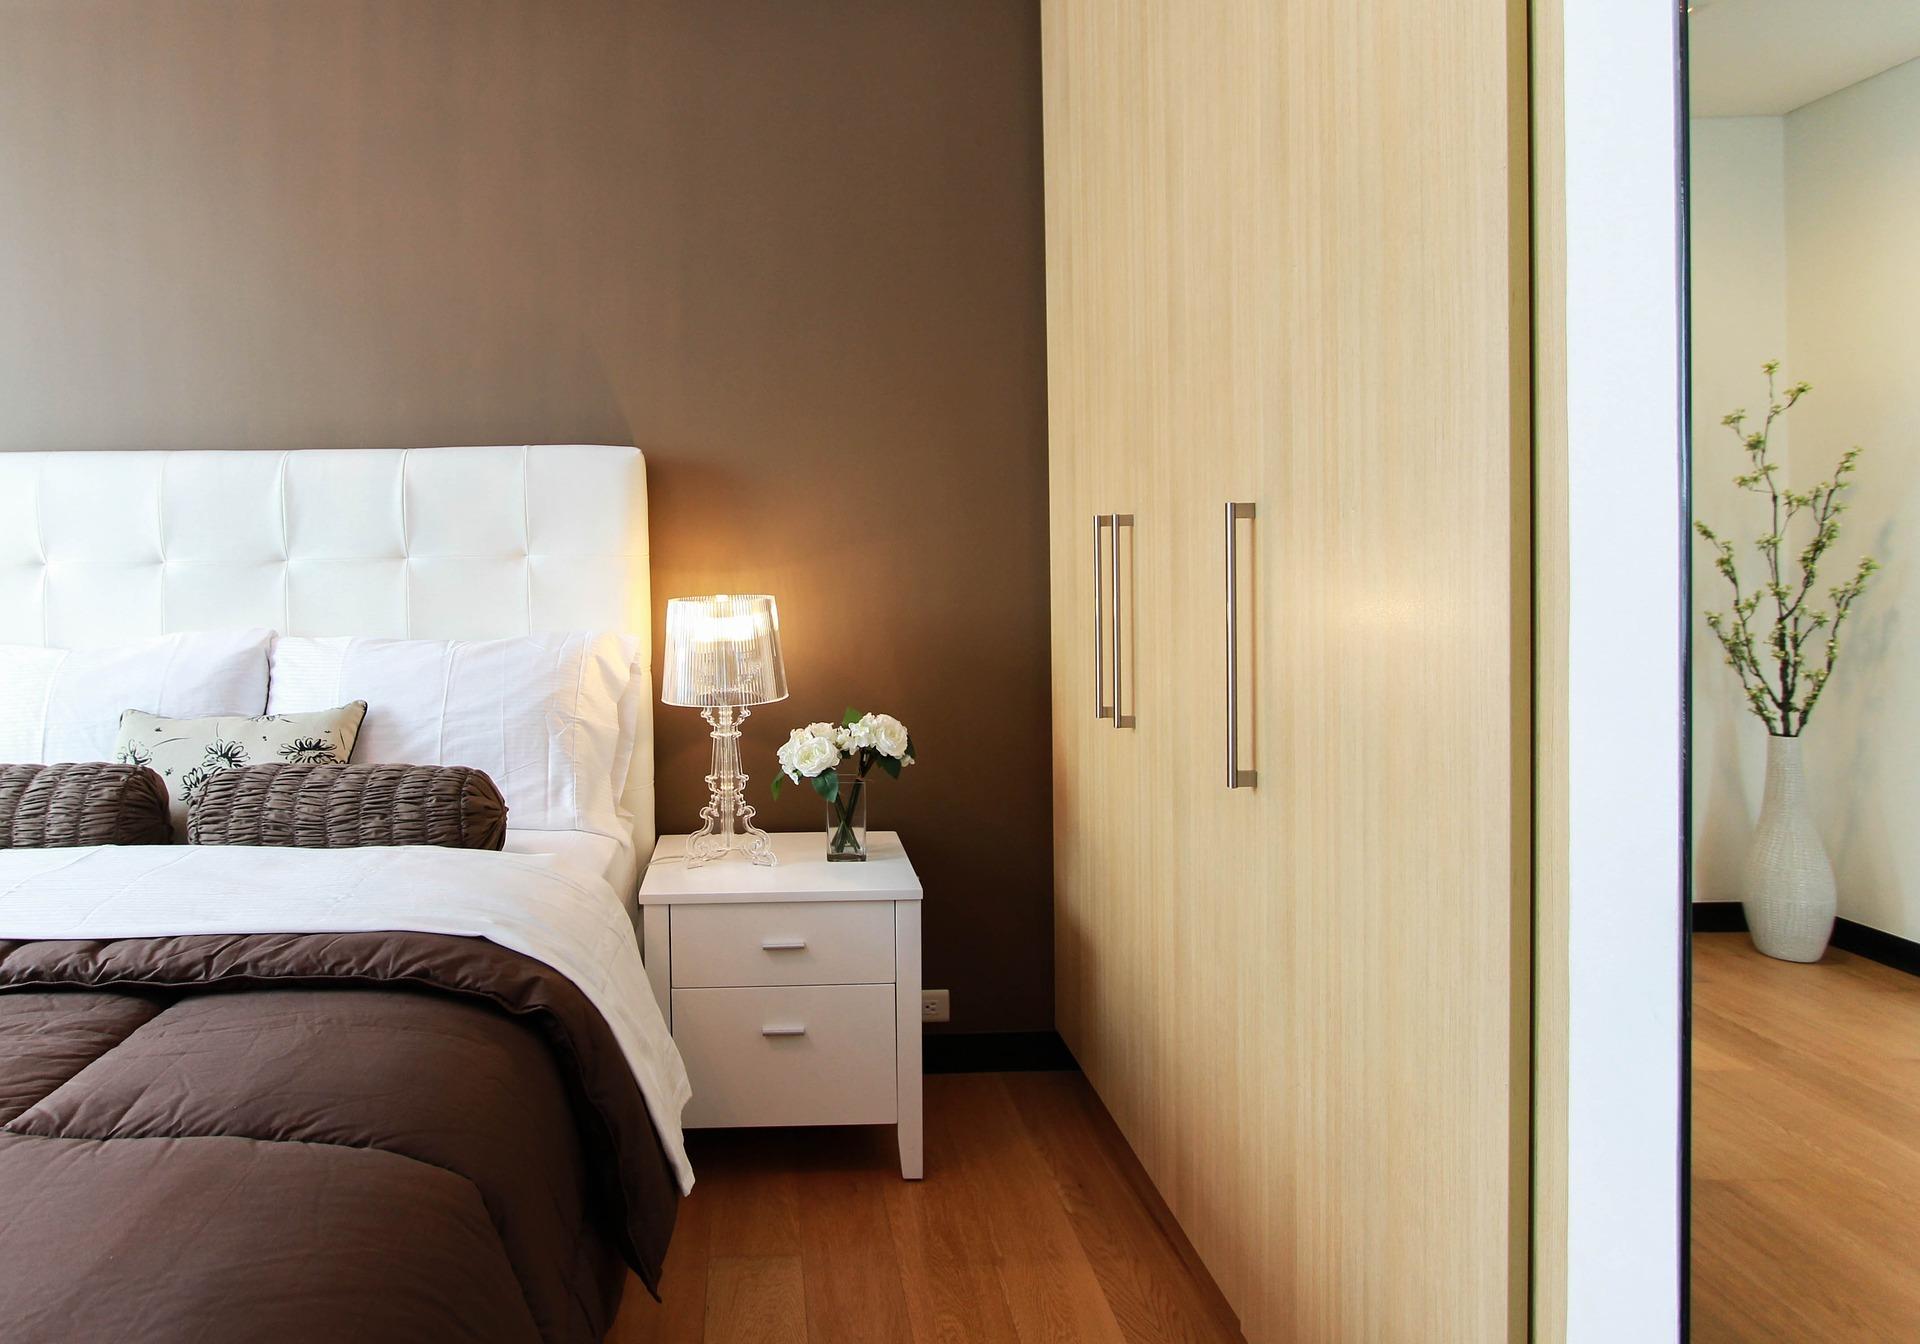 Sådan skaber du en rolig og behagelig stemning i soveværelset